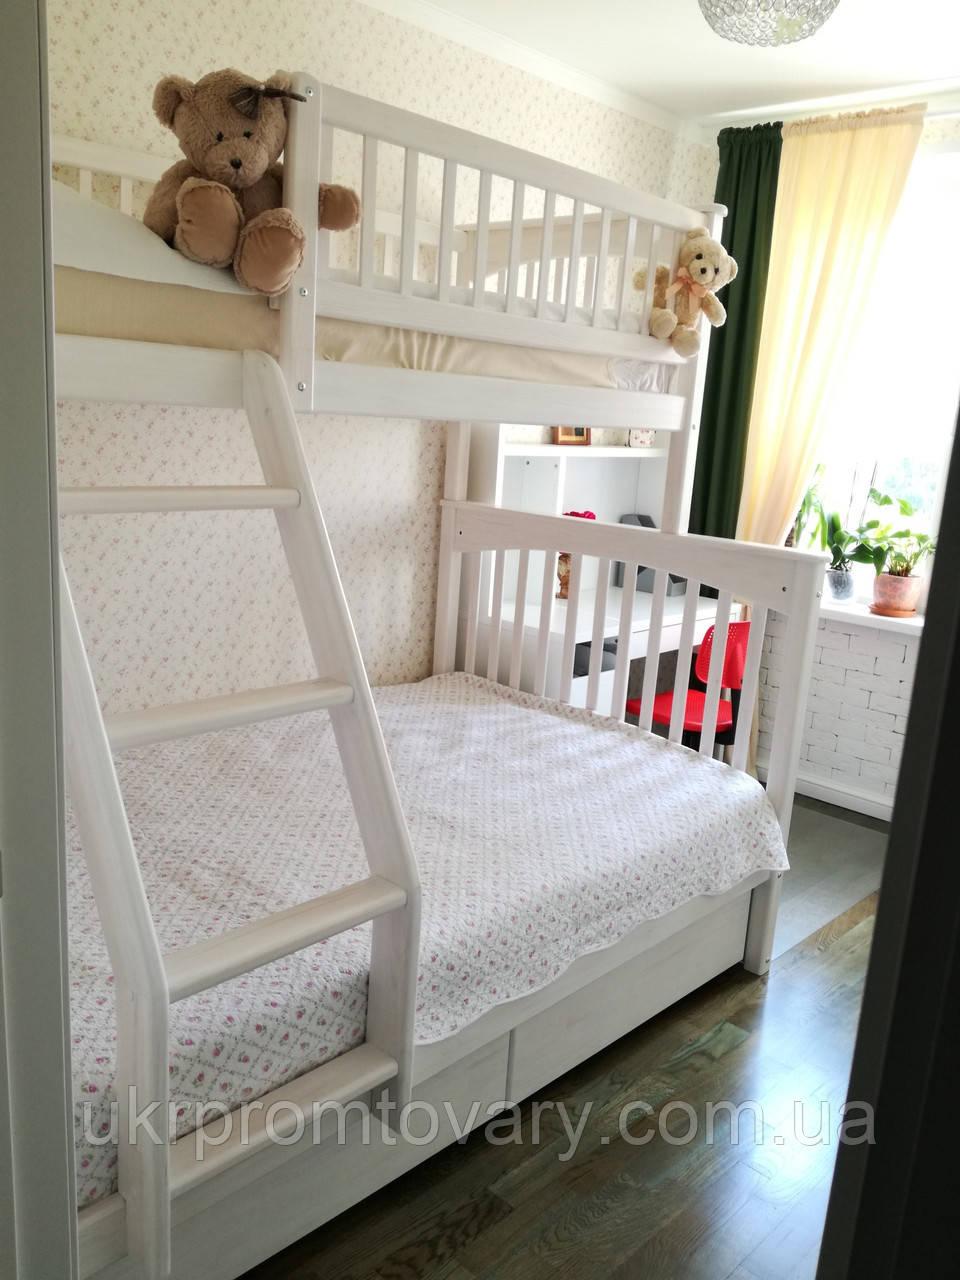 Двухъярусная кровать для троих детейСоня 90*200/120*200, в Киеве, натуральное дерево, качество